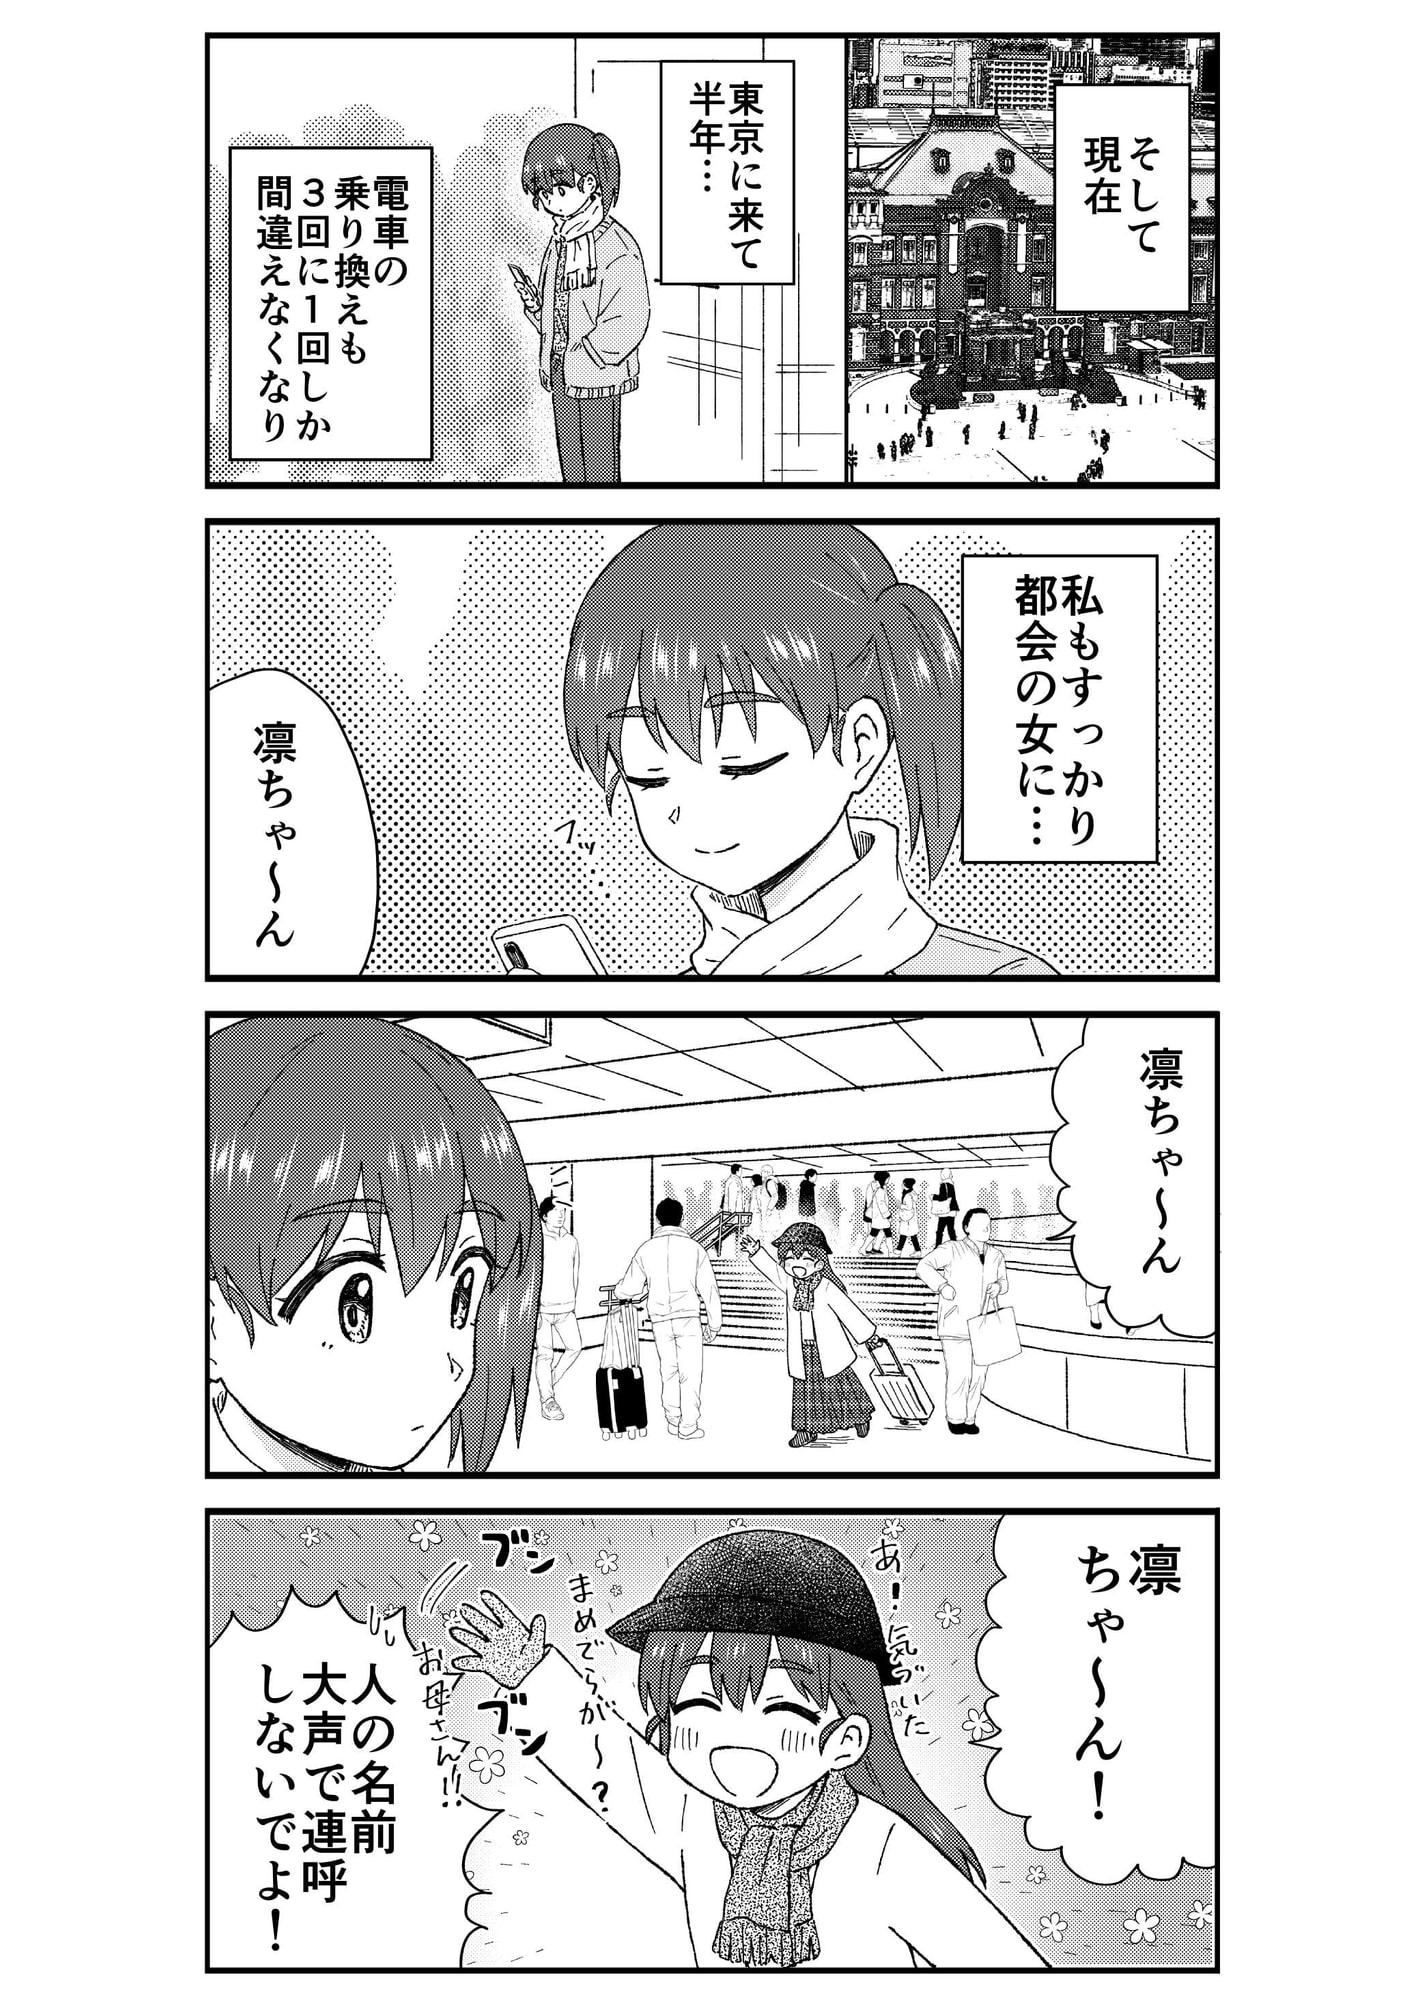 キモオタ、アイドルやるってよ(4)のサンプル画像